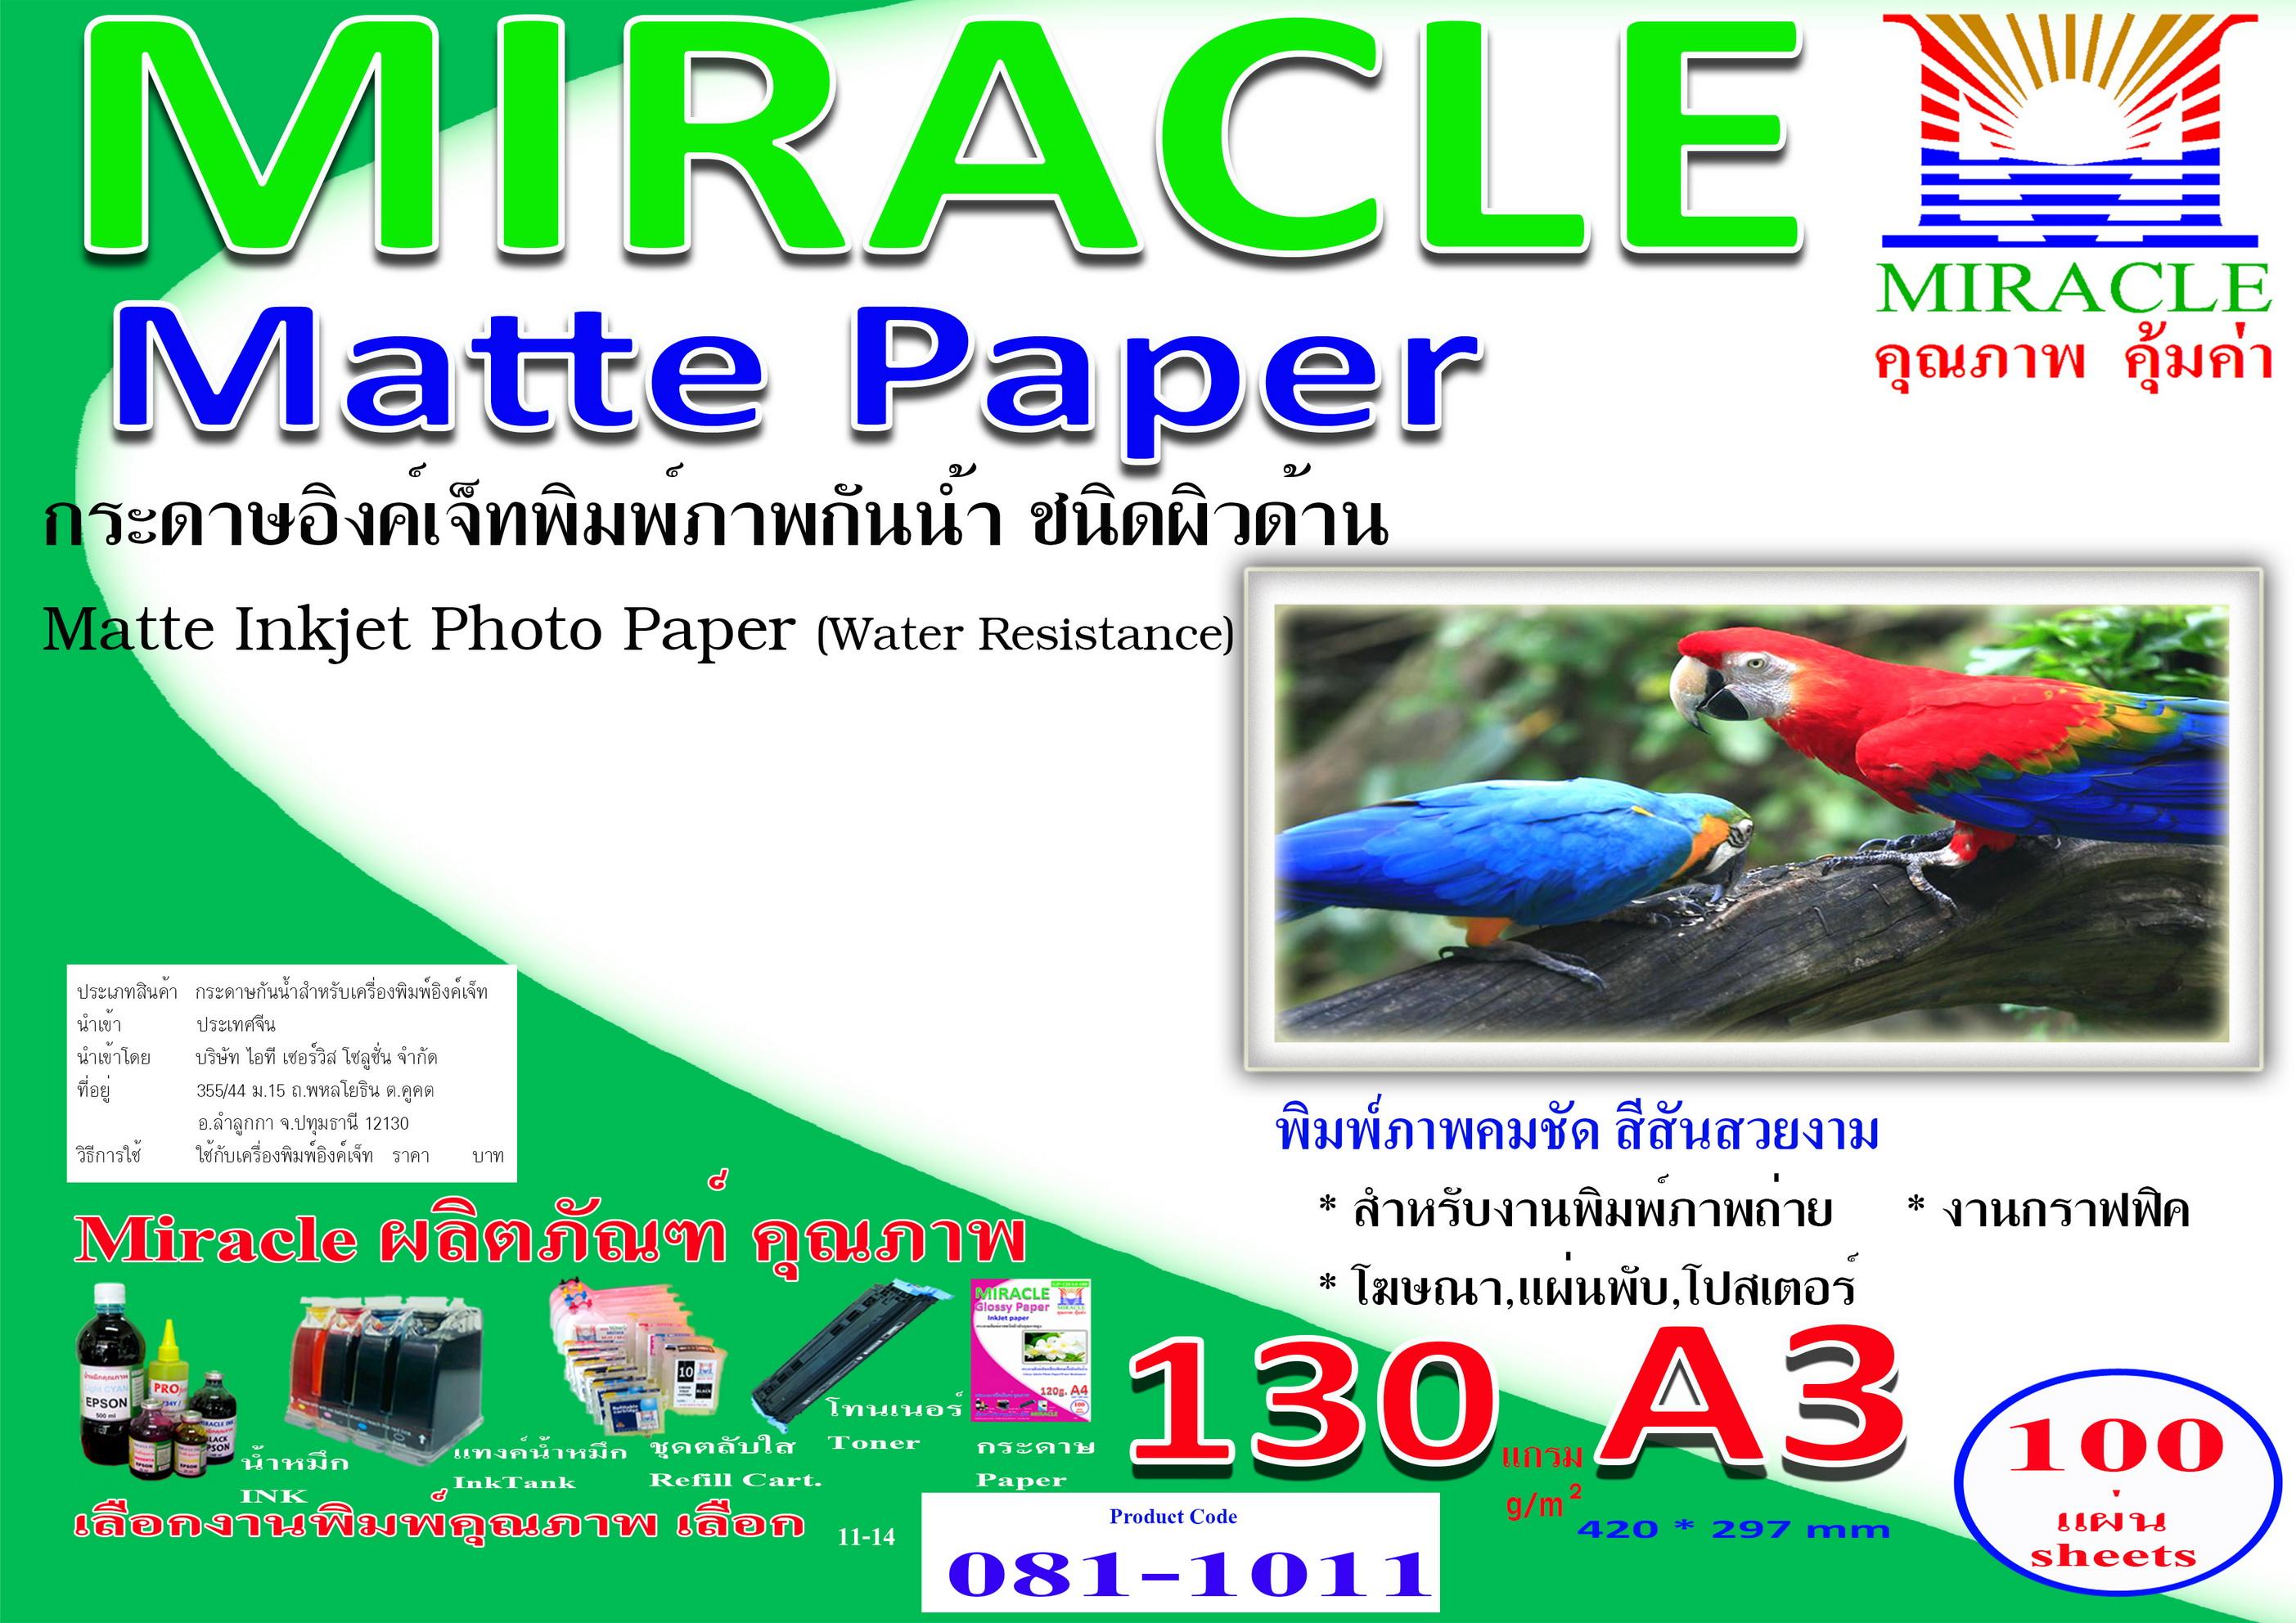 กระดาษอิ้งค์เจ็ทพิมพ์ภาพกันน้ำ ชนิดผิวด้าน ขนาด (A3)